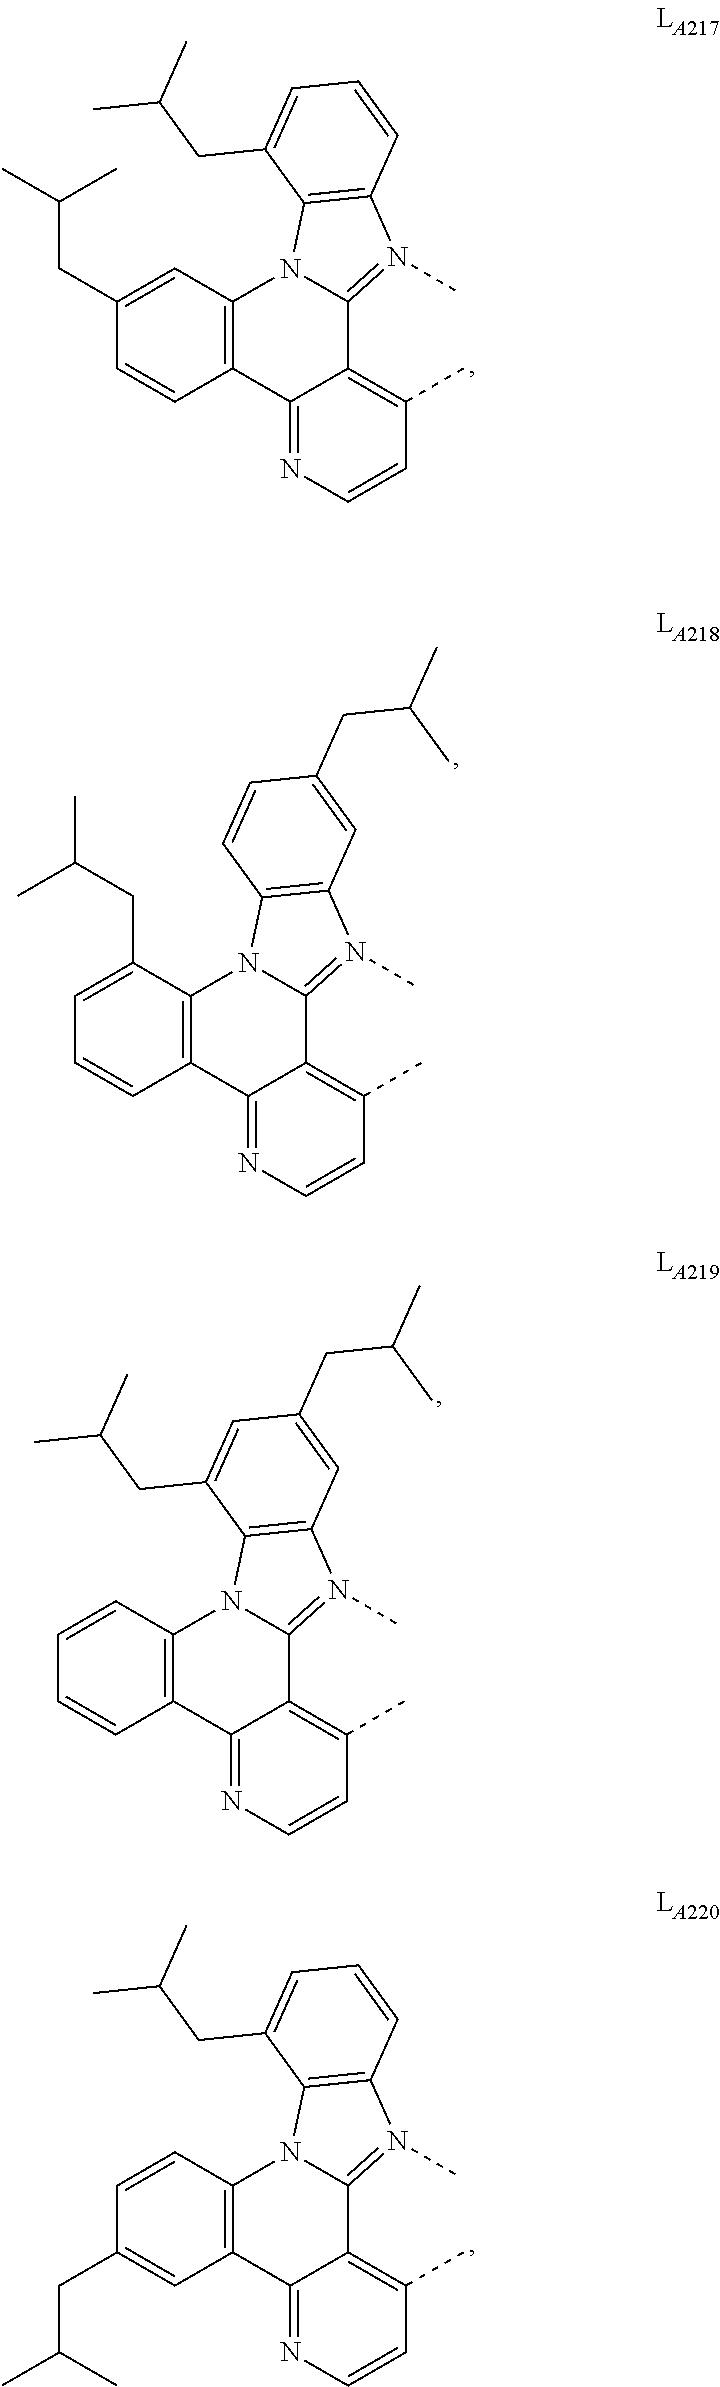 Figure US09905785-20180227-C00075